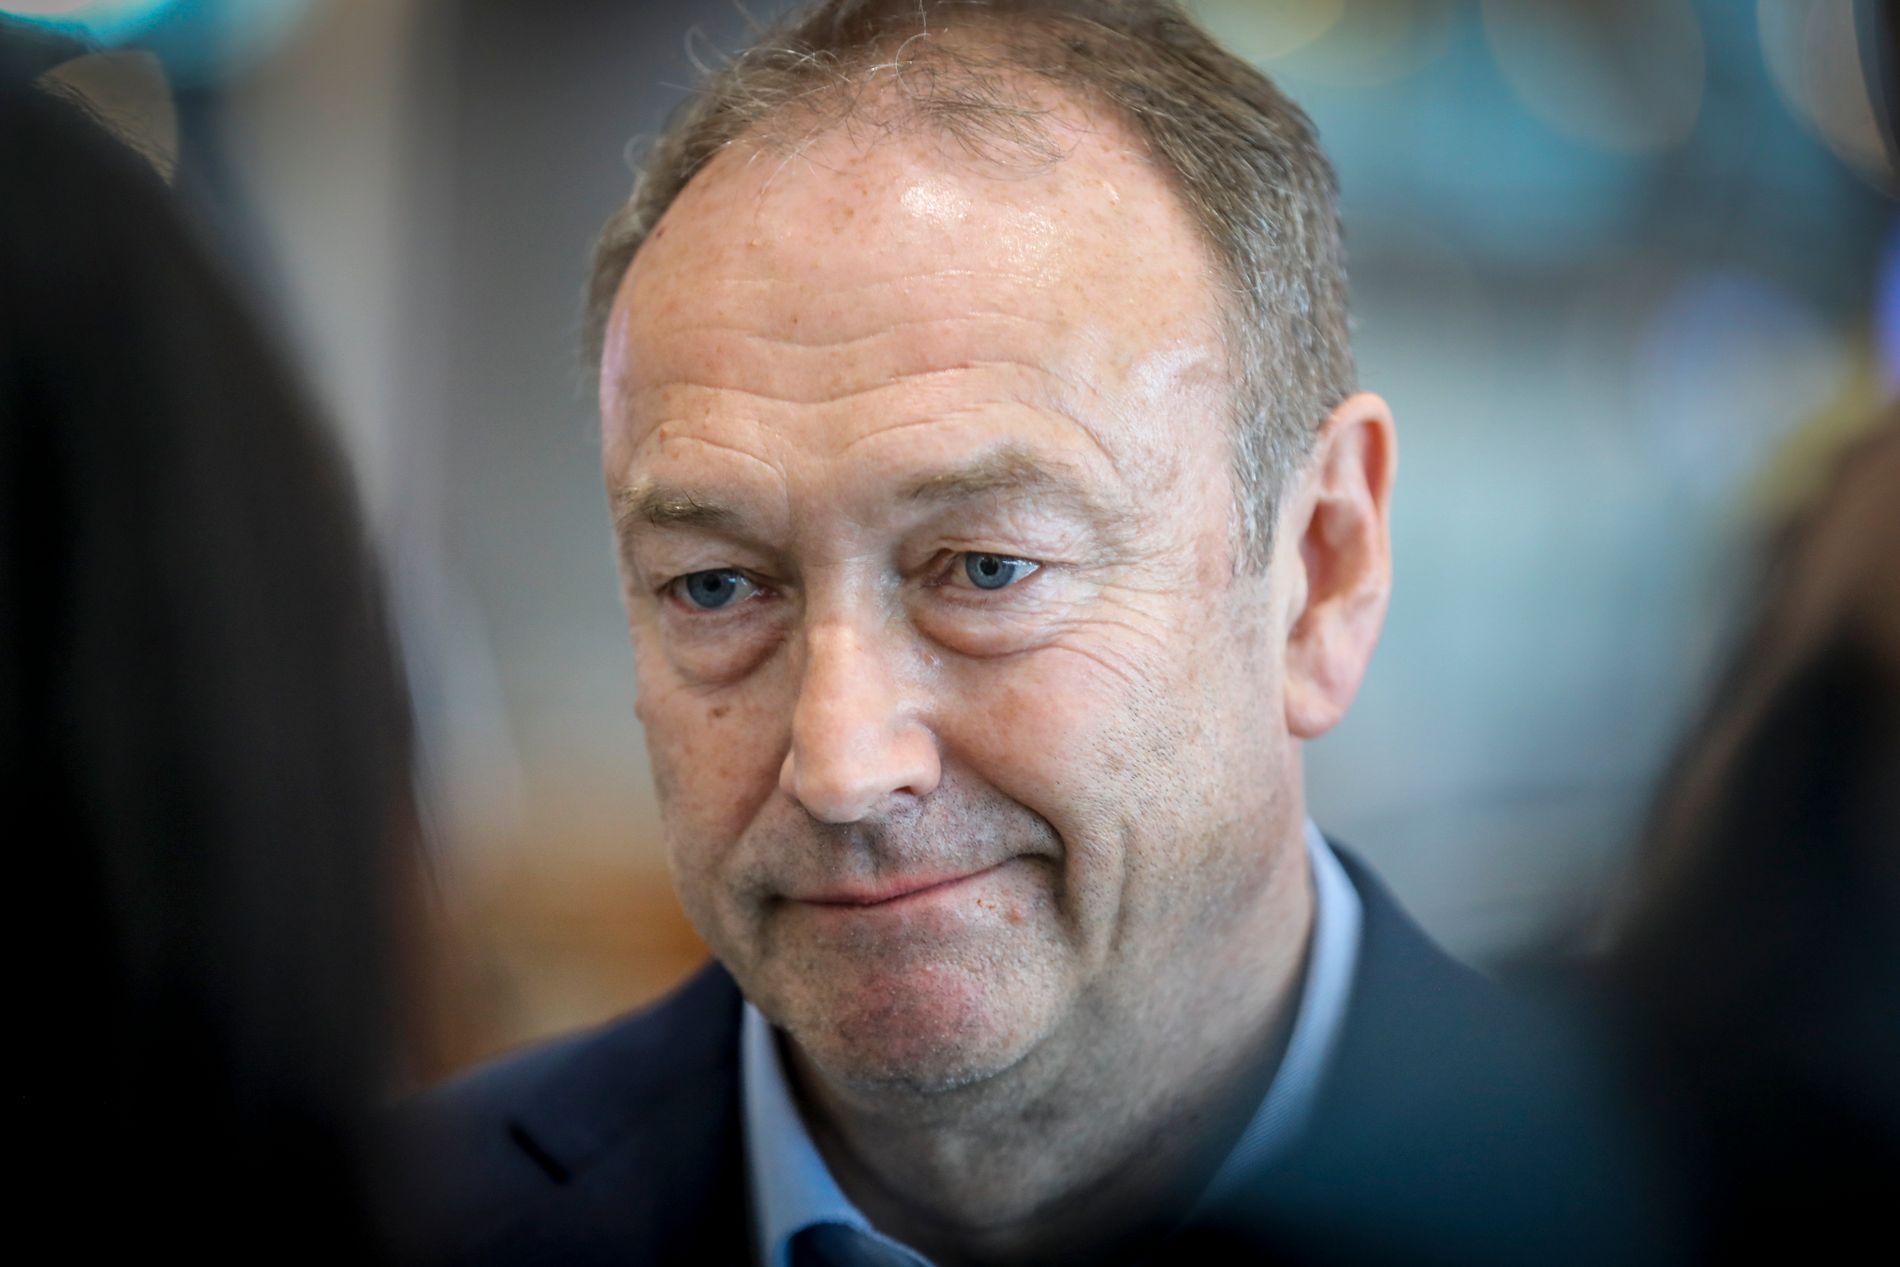 FLY MED TOMME SETER: Knut Morten Johansen, pressesjef i det streikerammede SAS, forteller til VG at det er flere av flyene som fortsatt gå som flyr med tomme seter.